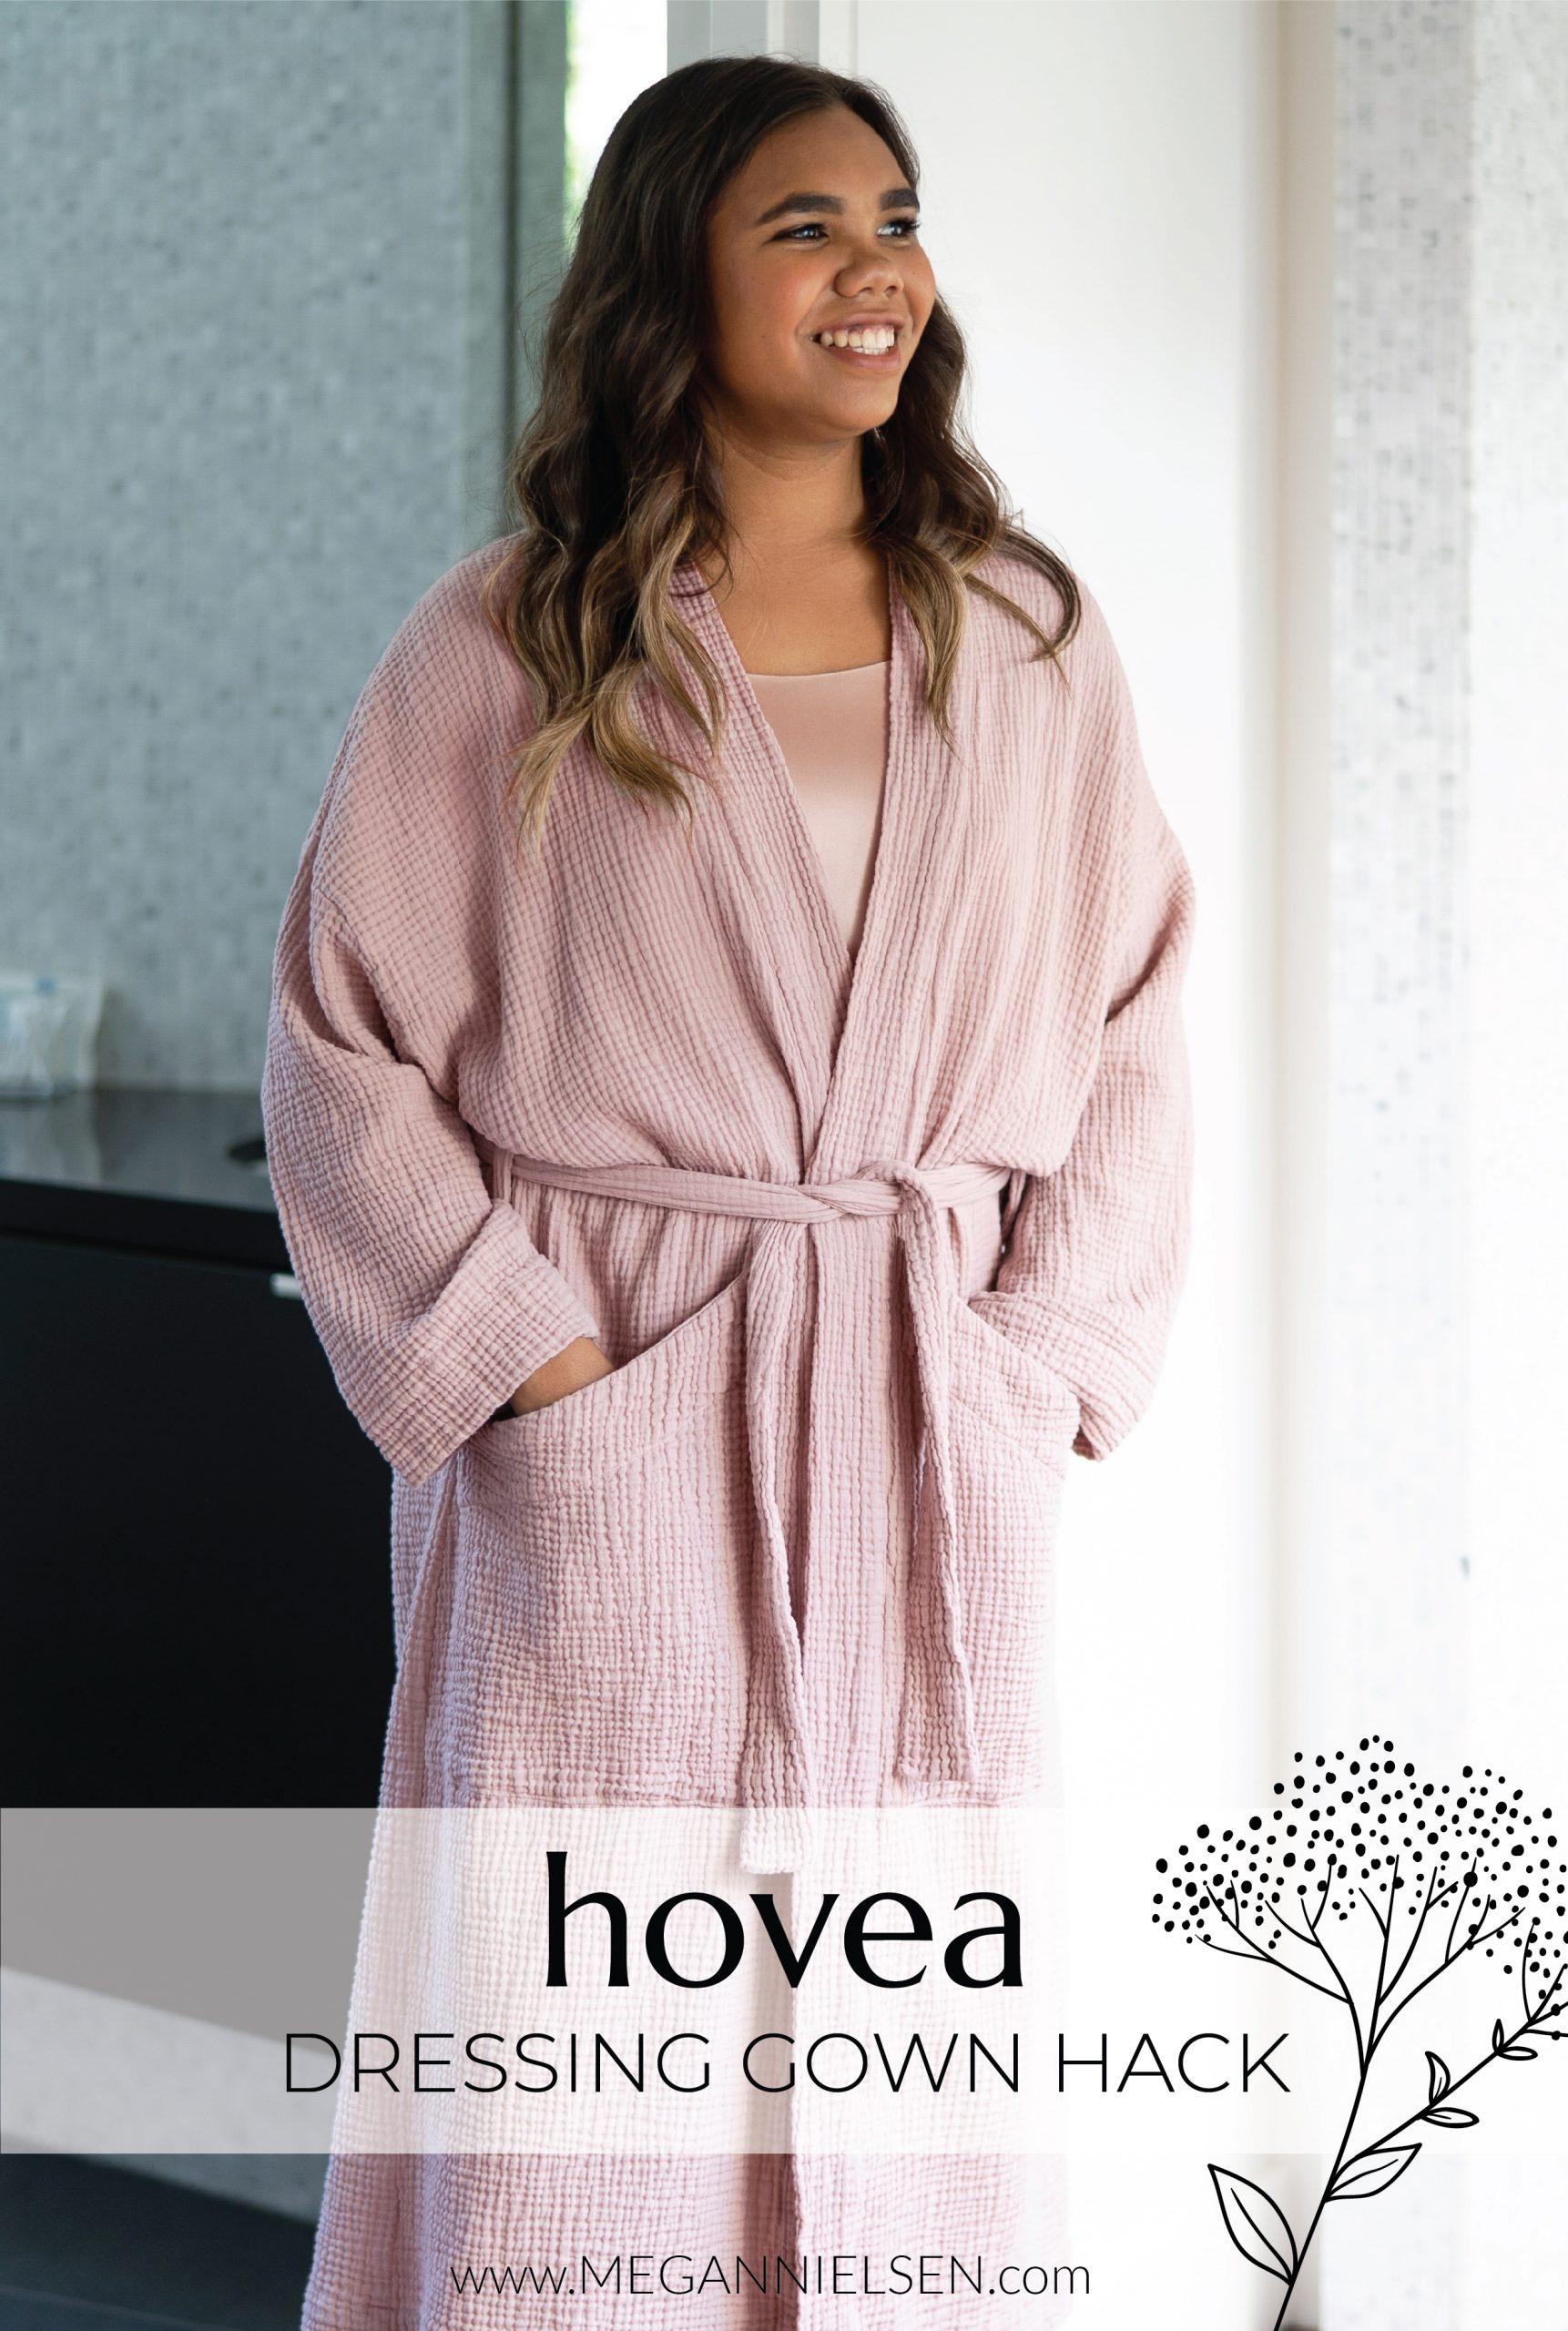 Megan Nielsen Patterns | Hovea: Dressing Gown Hack